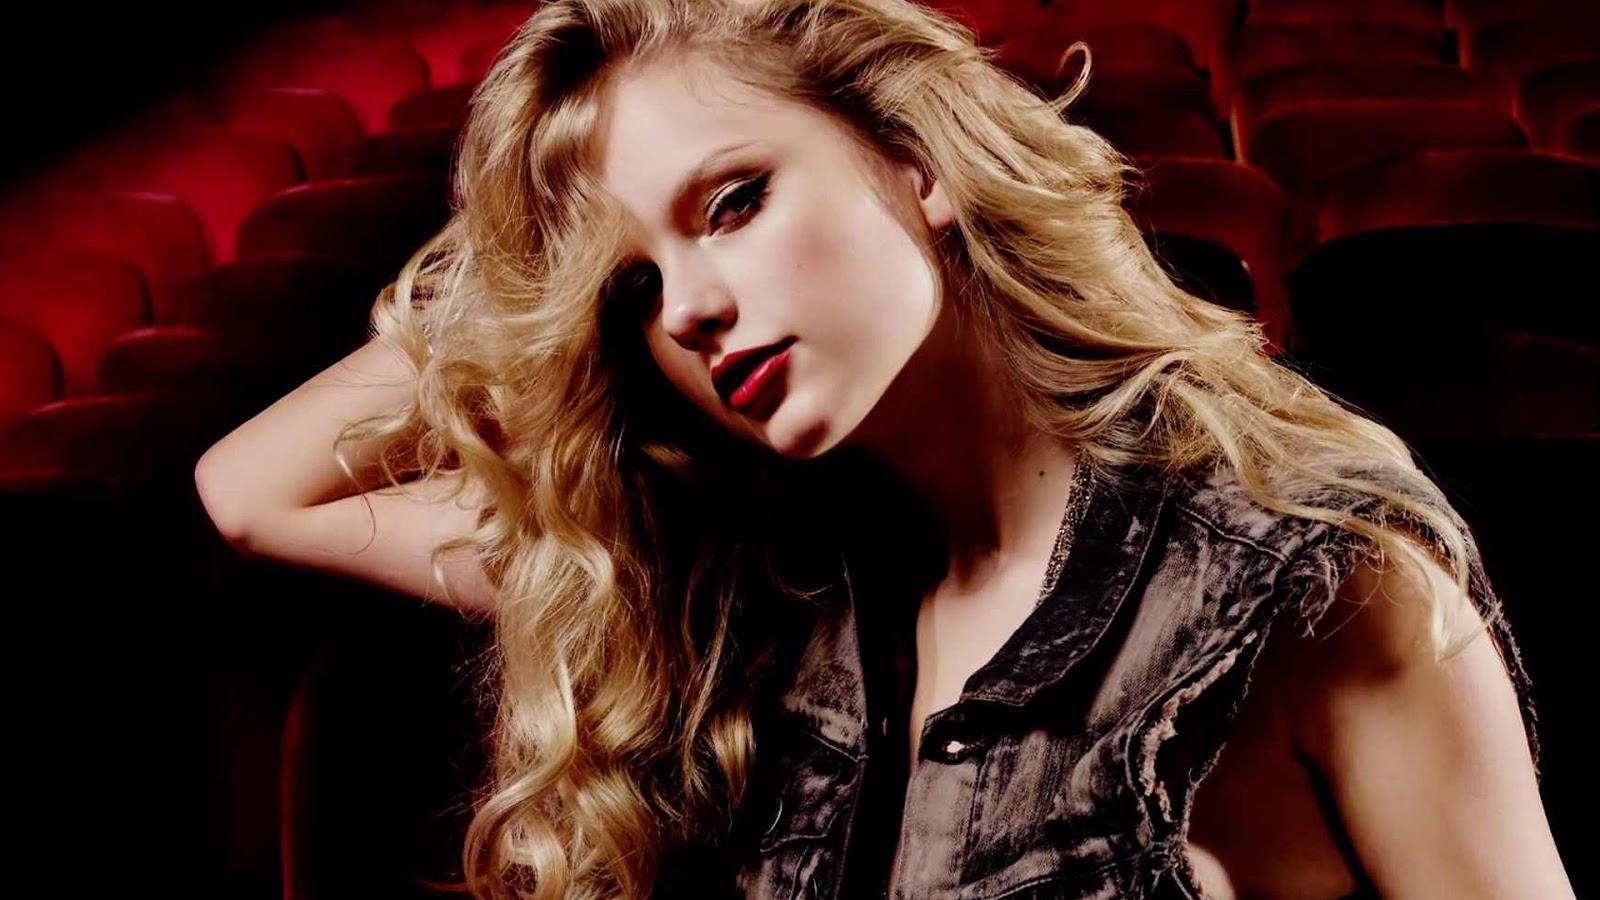 Taylor Swift 1920x1080 Widescreen Wallpaper